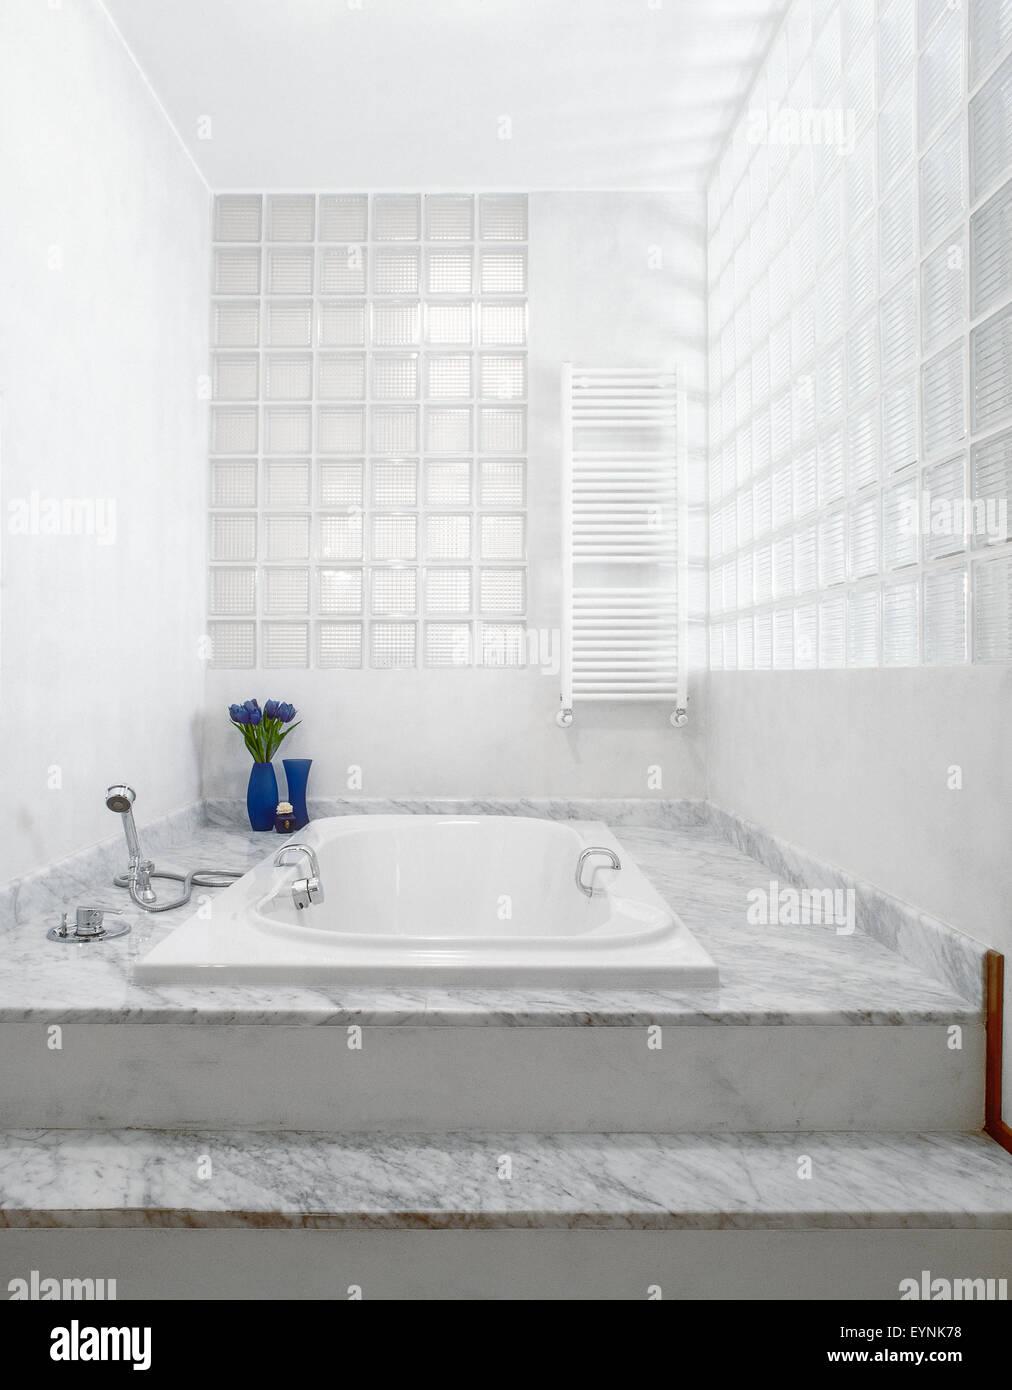 premier plan, une baignoire encastrée dans le sol surélevé de marbre